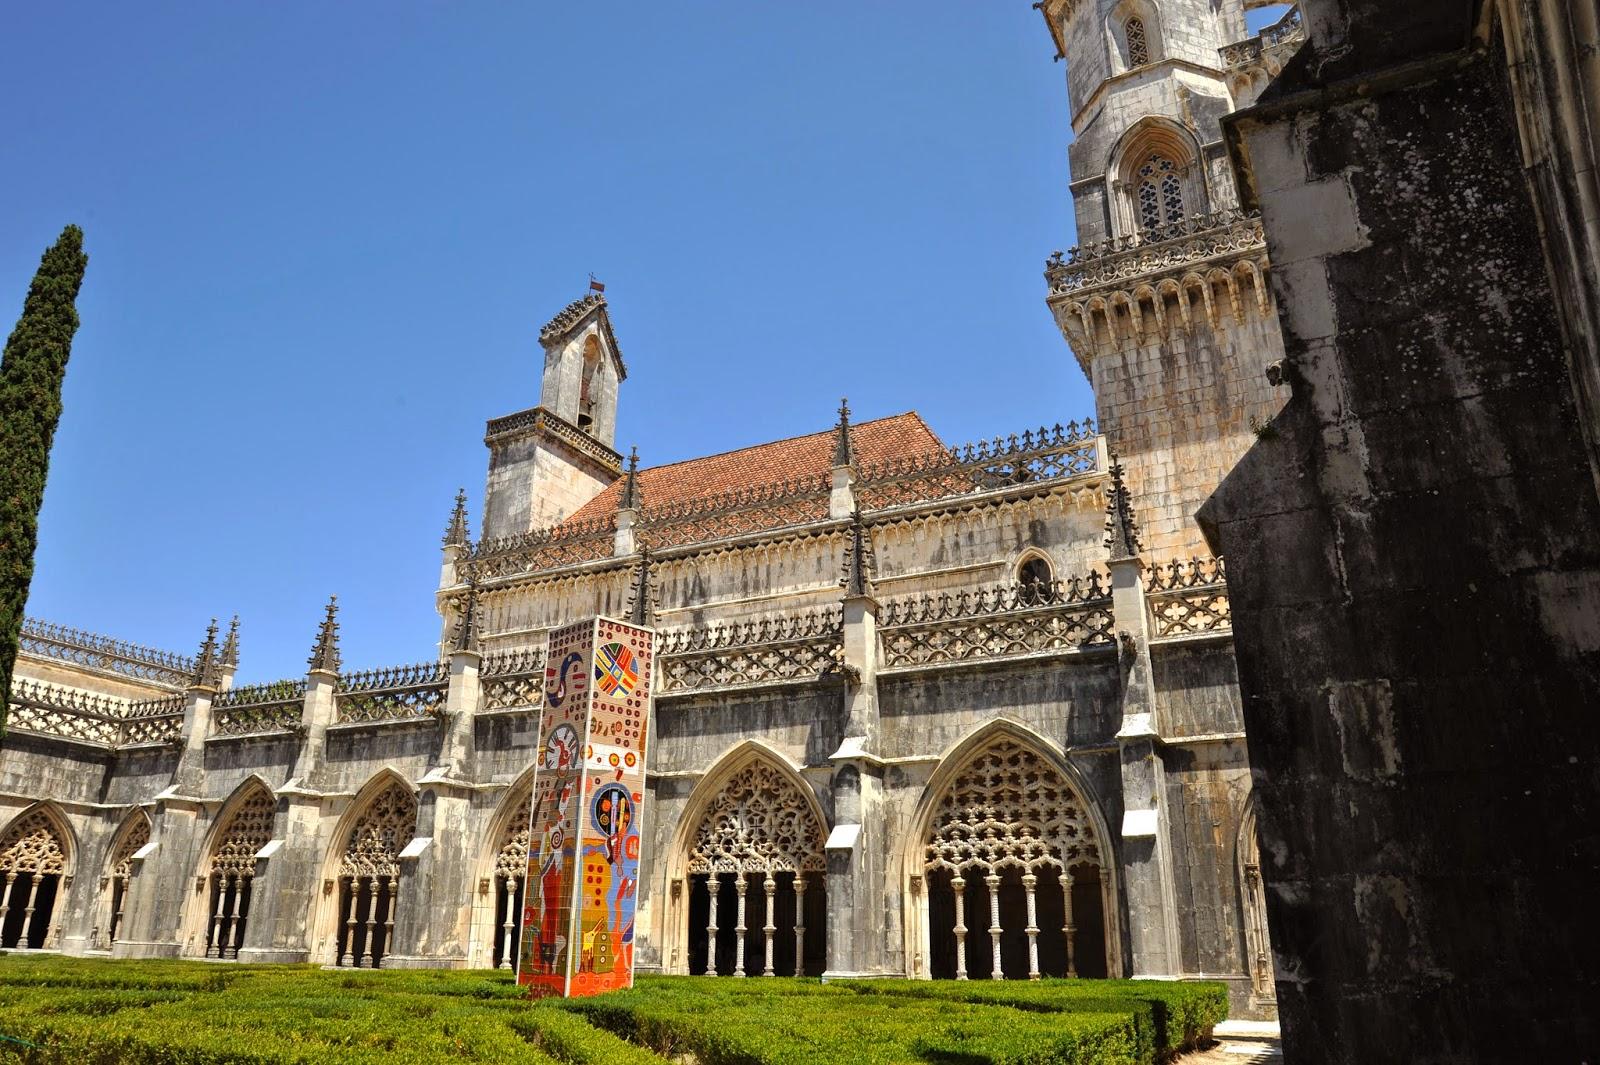 L'itinerario dei monasteri in Portogallo: Tomar, Fátima, Batalha e Alcobaça